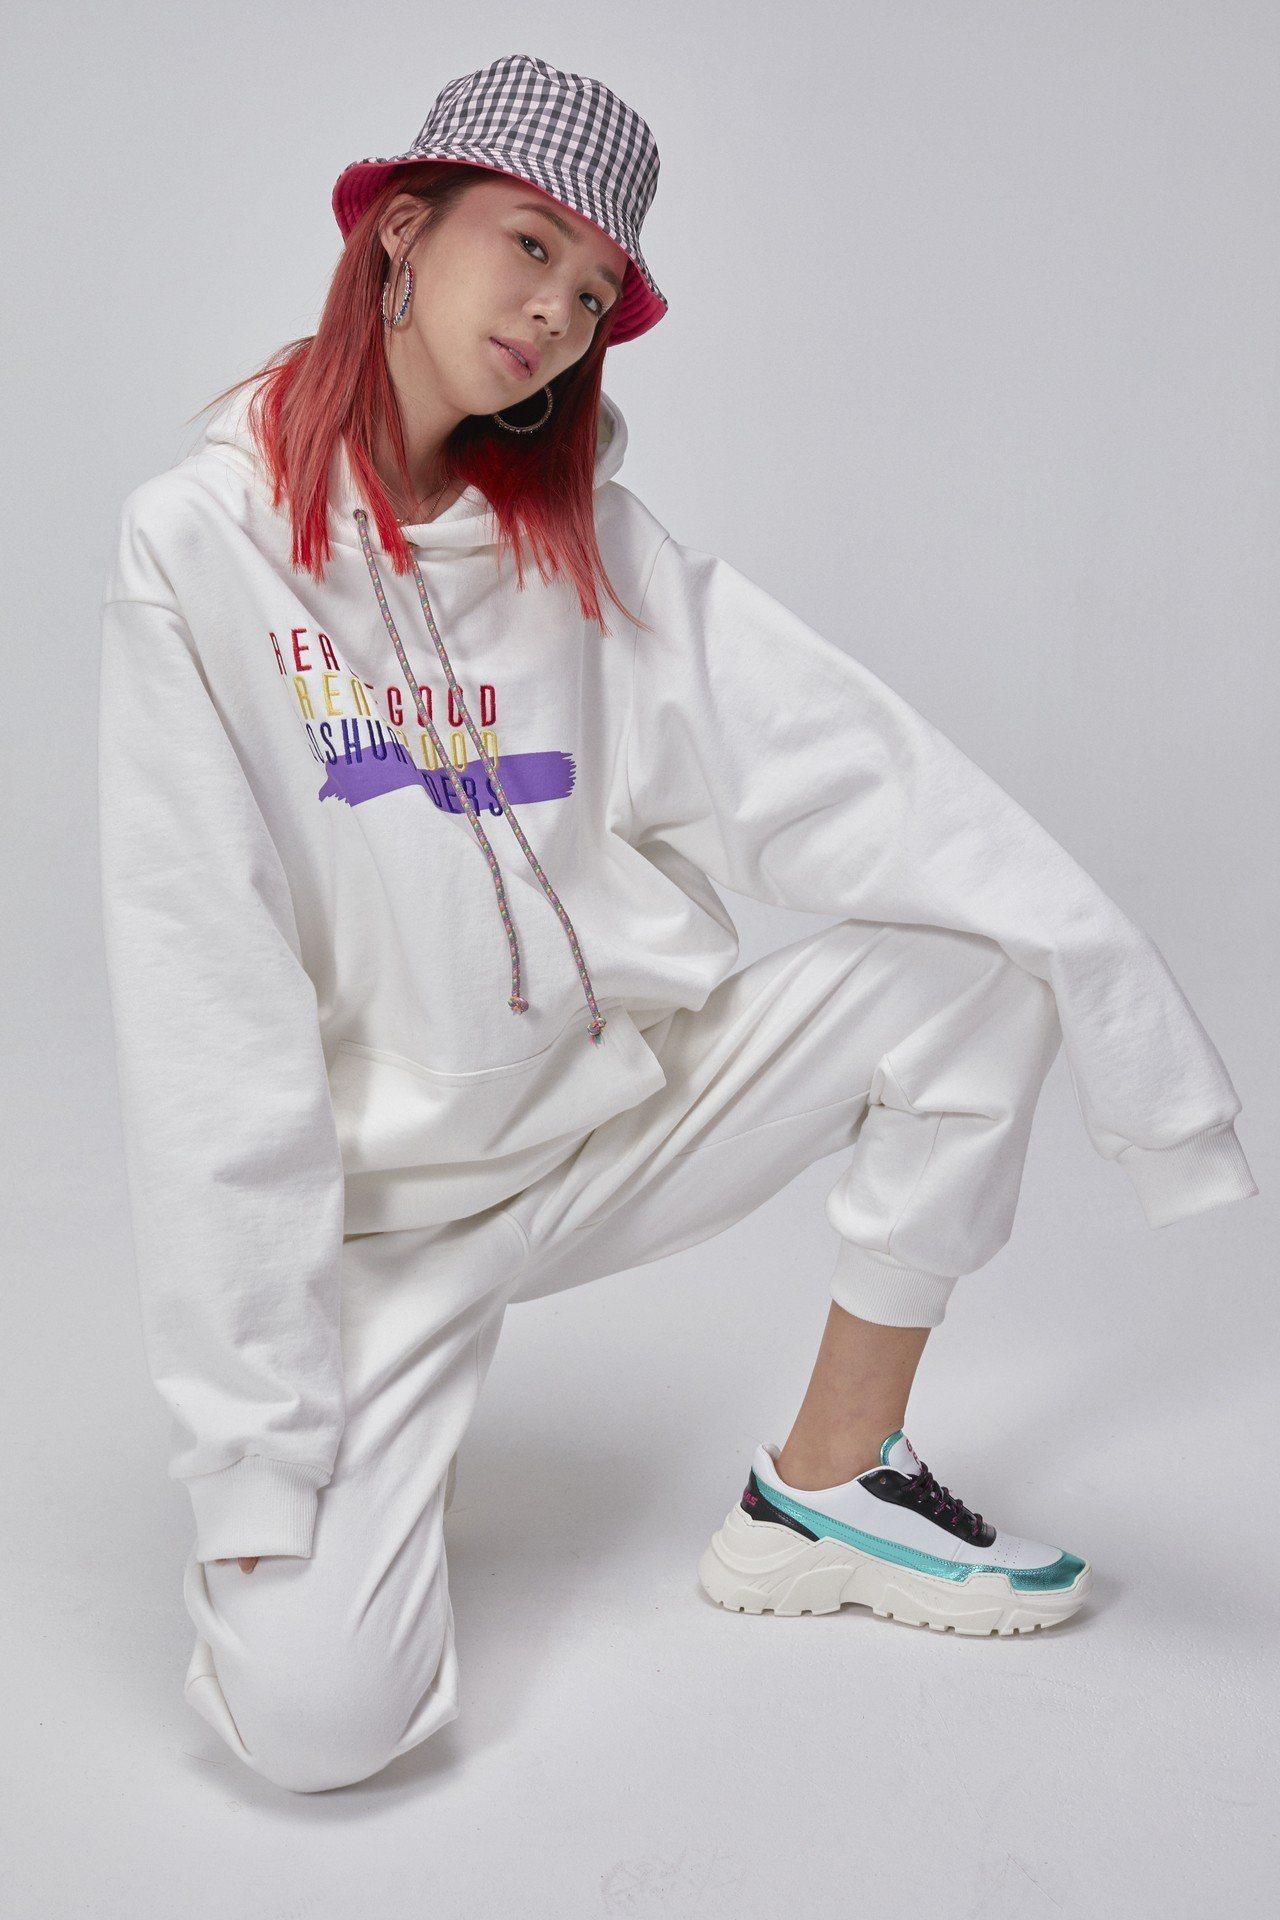 亞洲最強時尚部落客Irene Kim與JASHUAS推出聯名鞋款,由台灣ARTI...